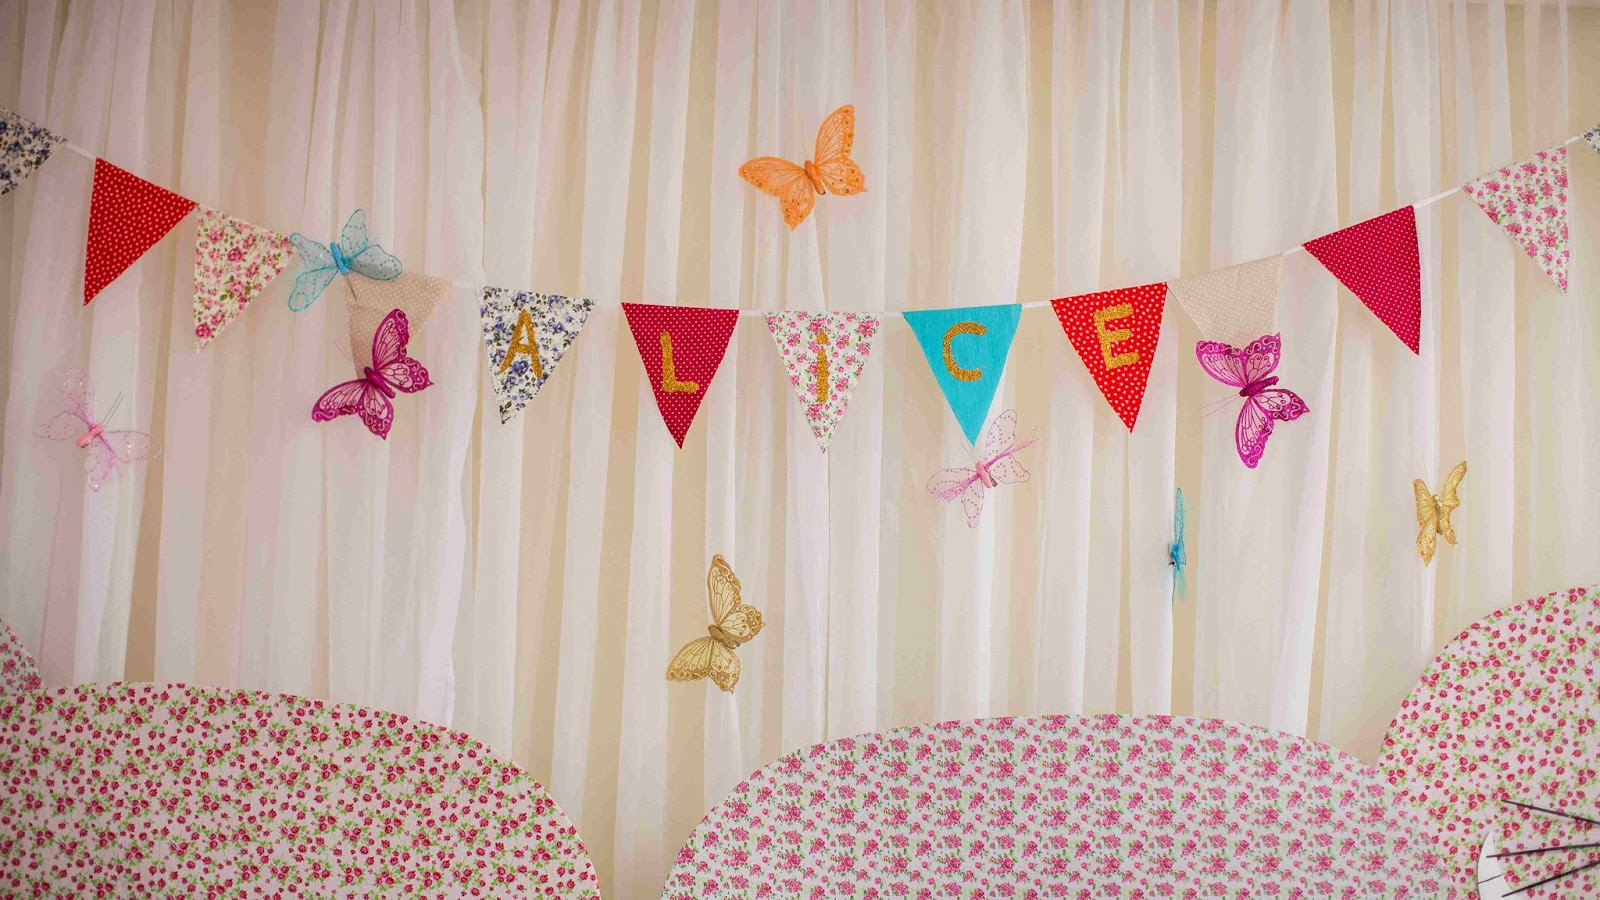 festa-alice-pais-maravilhas-bandeirola